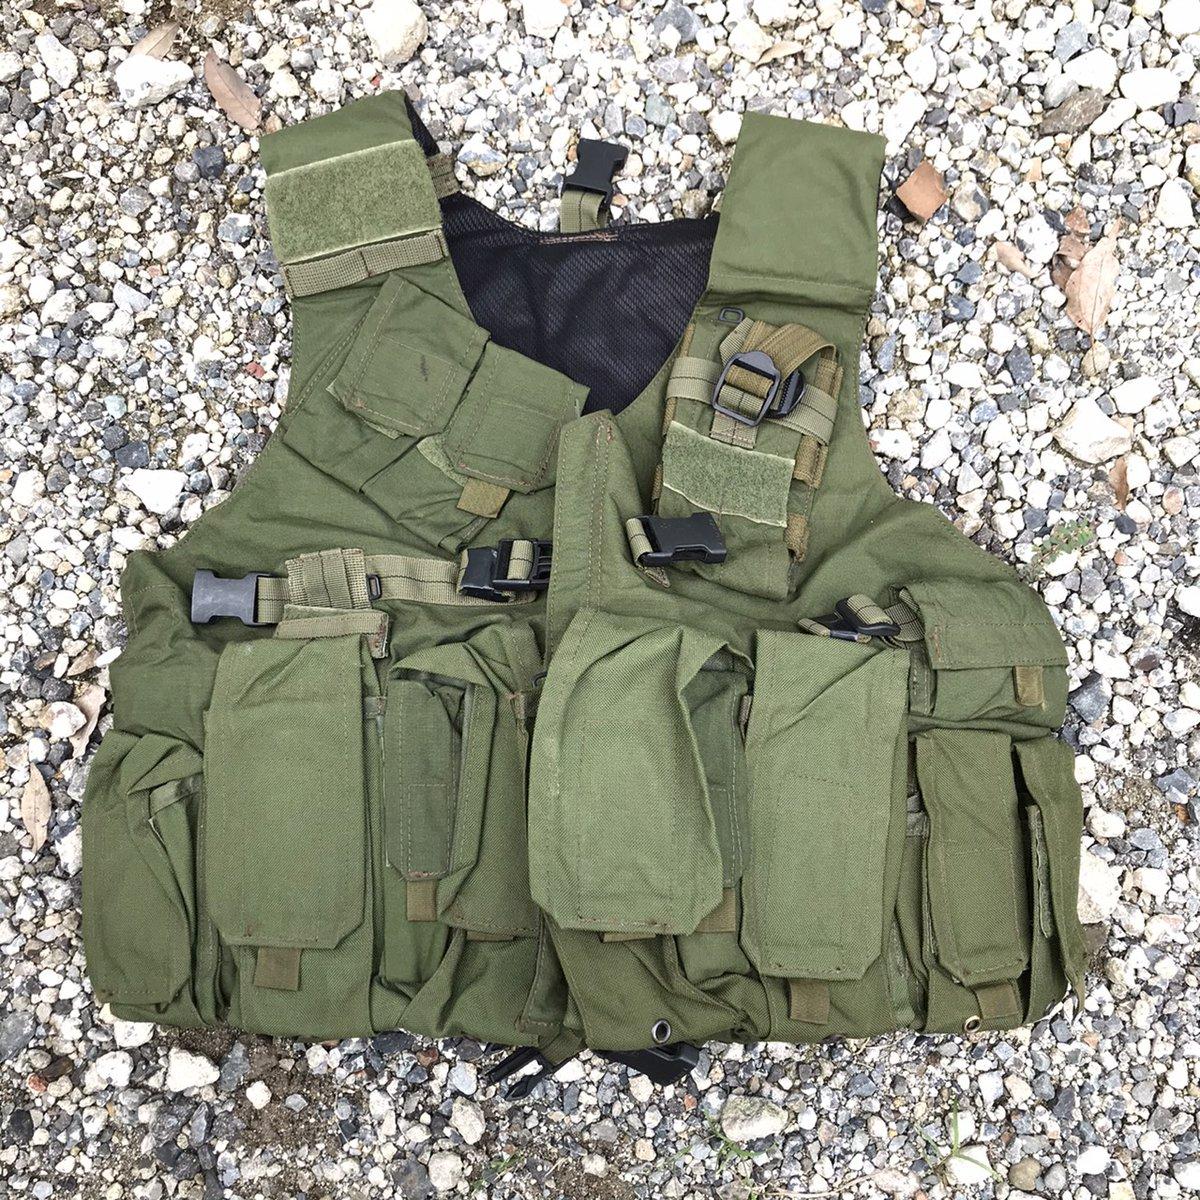 イスラエル:KATA社製ライフルマンベスト2つ持ってても要らないので手放します。2003年辺りから近年までのイタリア軍カラビニエリの第一パラシュート連隊「トゥスカニア」がイラク派遣時に着用していたベストです。送料込で20000円#ミリタリー物販